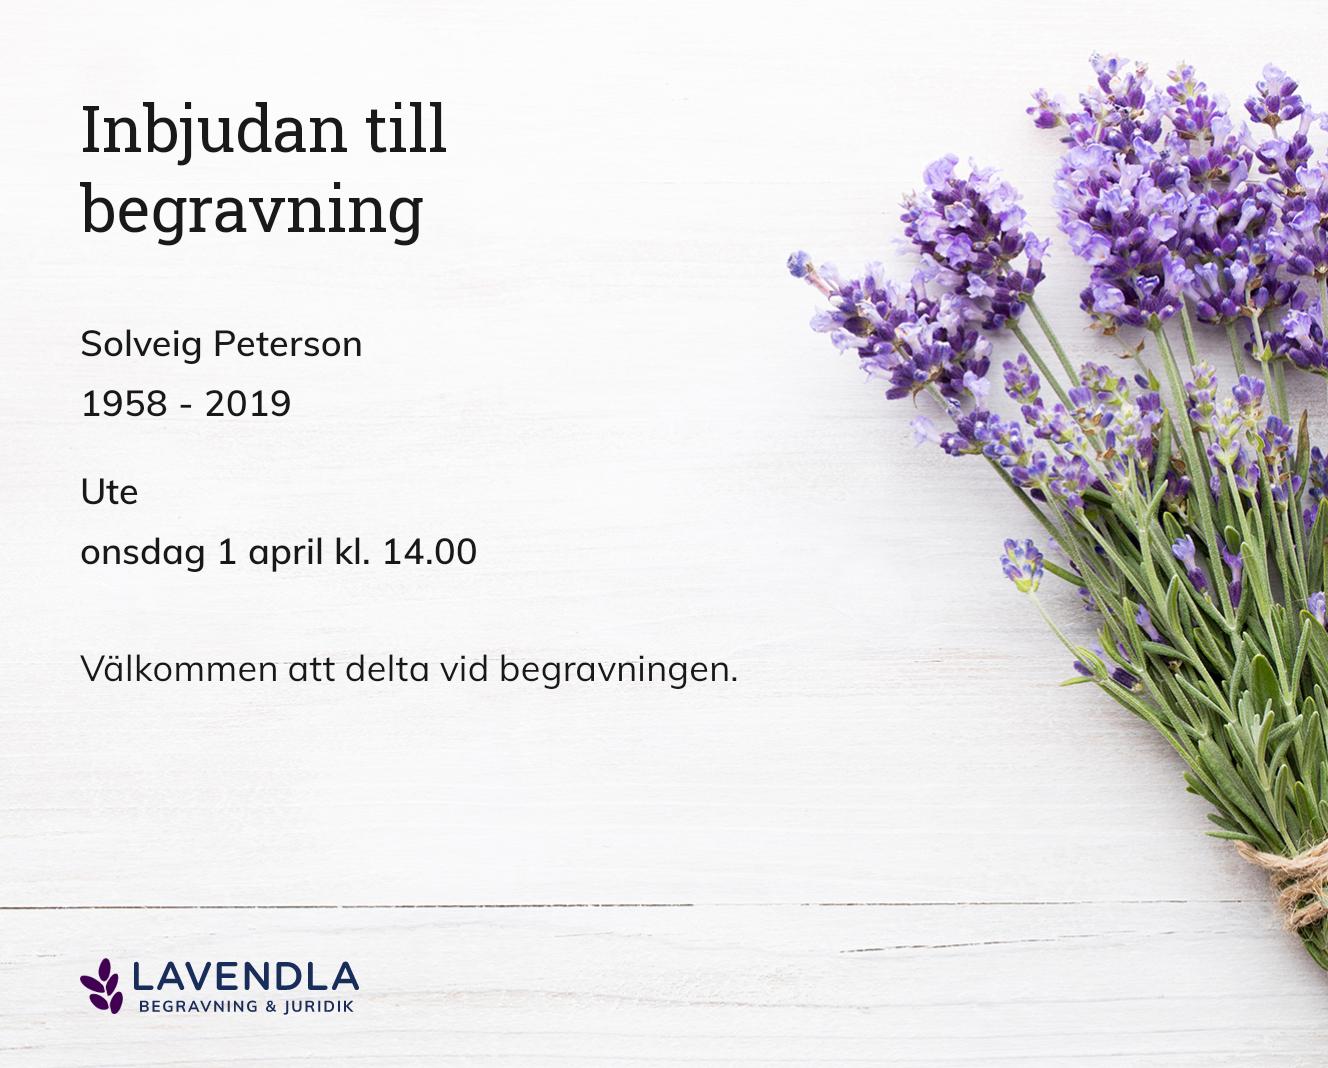 Inbjudningskort till ceremonin för Solveig Peterson